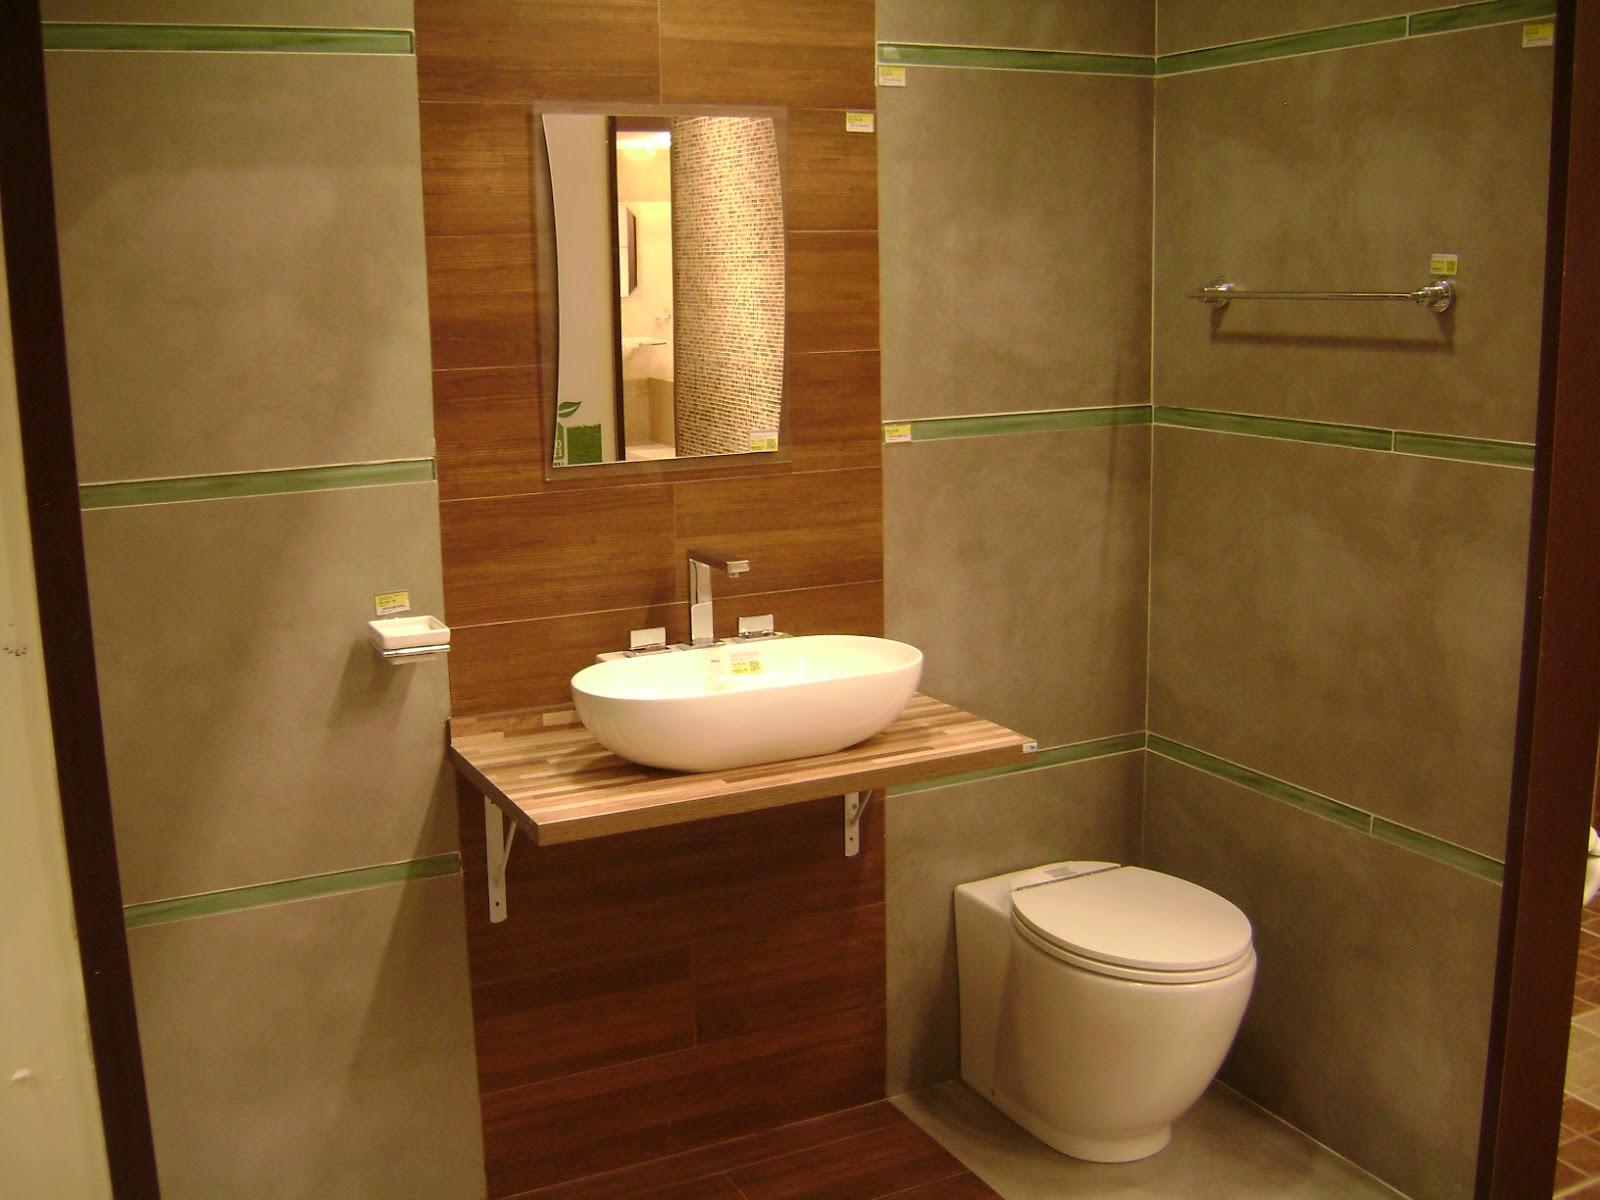 Arquitetura: Projetos Ambientes Show Room Leroy Merlin Sorocaba #B8B113 1600x1200 Balcão De Banheiro Leroy Merlin